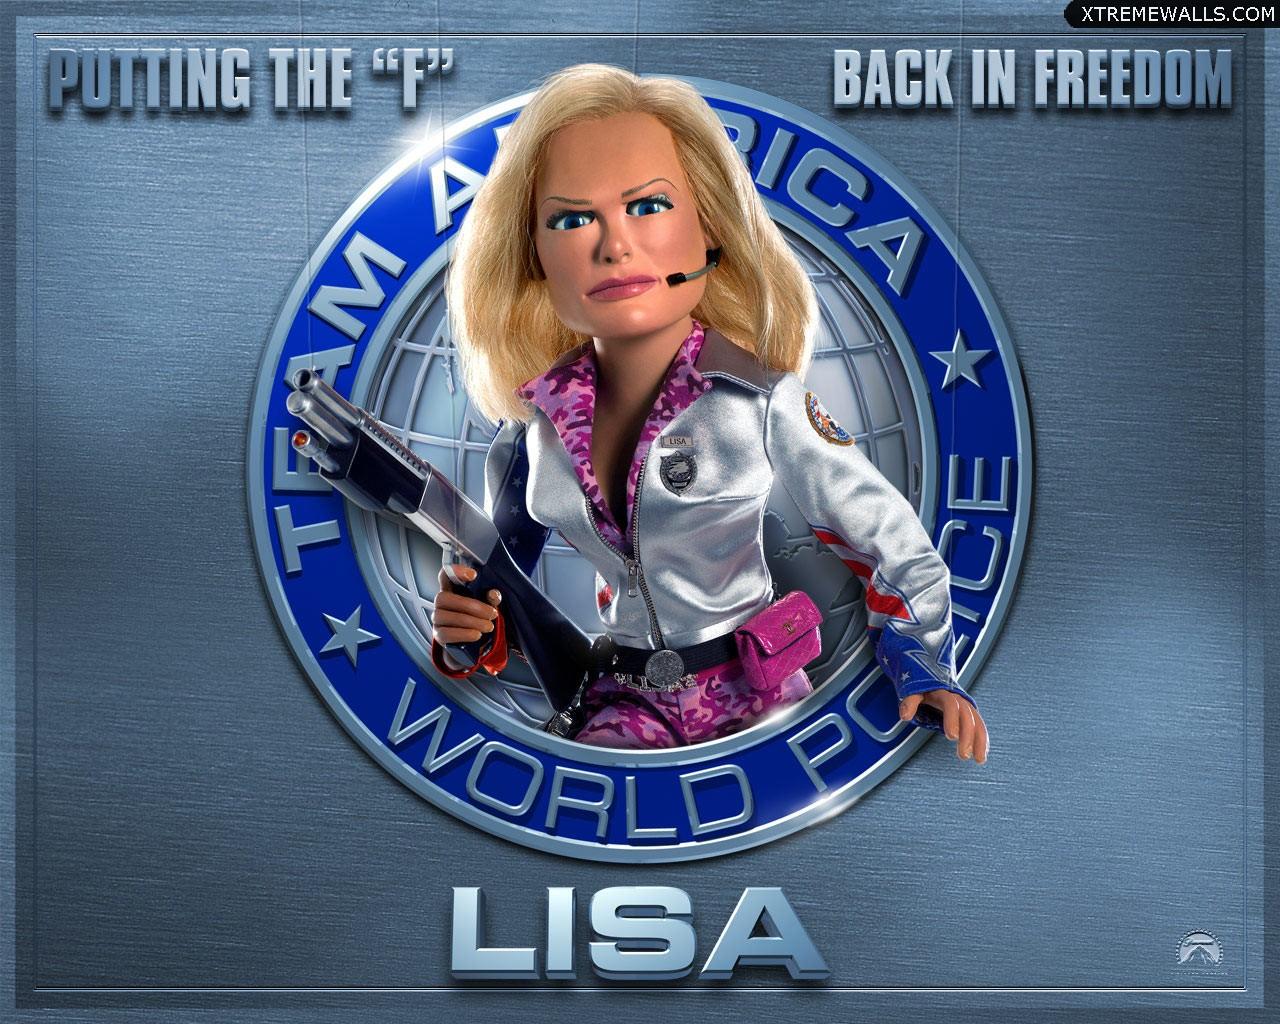 Lisa (Team America)